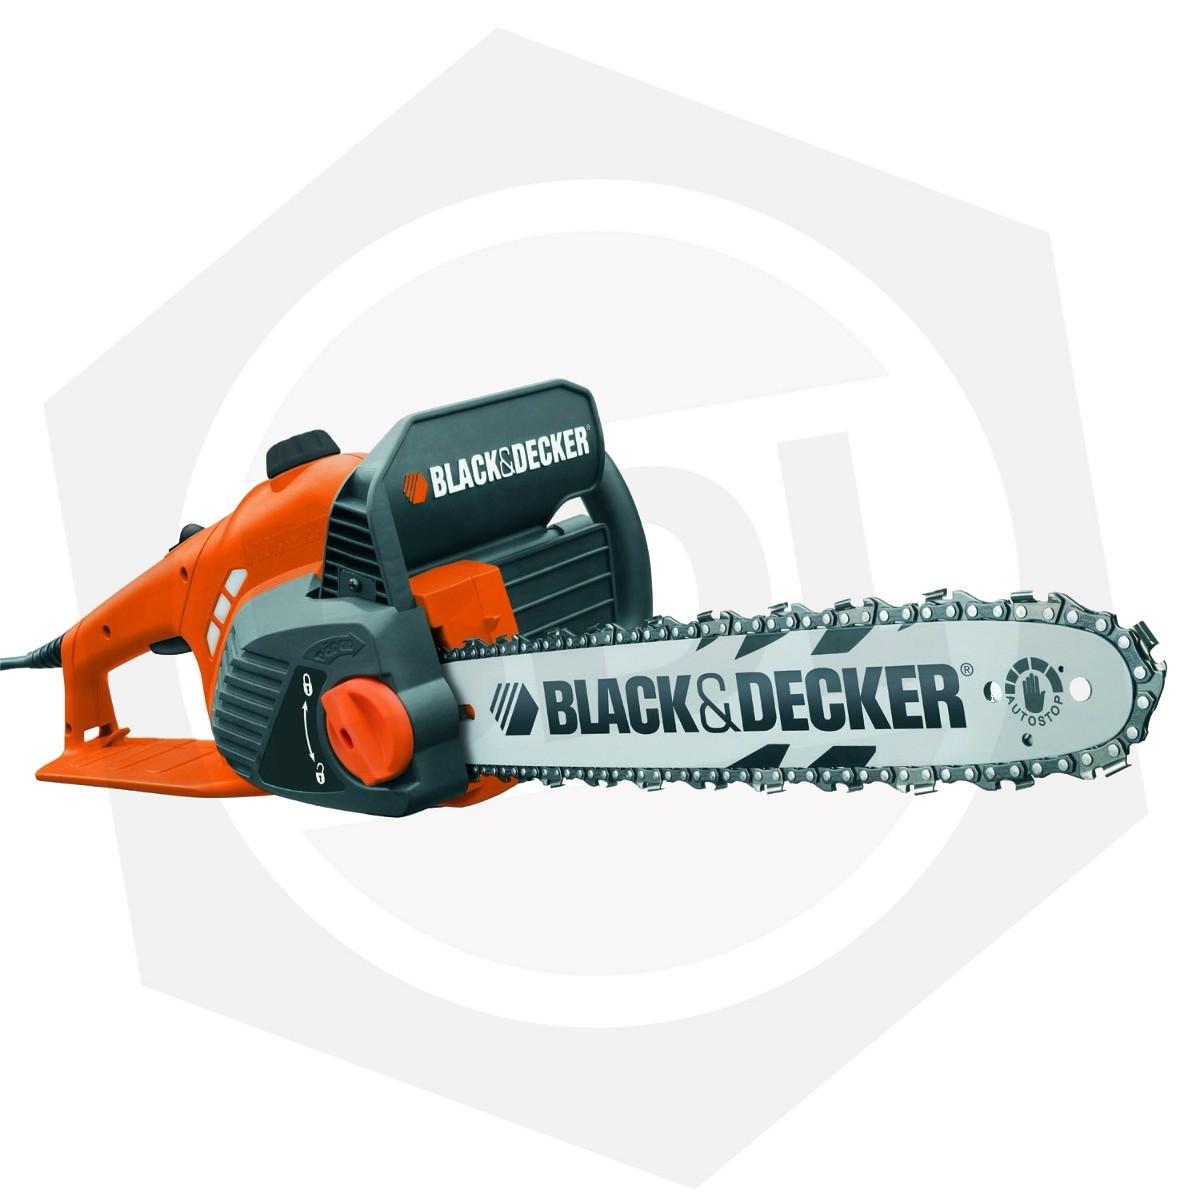 """OFERTA - 15% DE DESCUENTO - Electrosierra Black & Decker GK1740T - 1850 W / 16"""""""